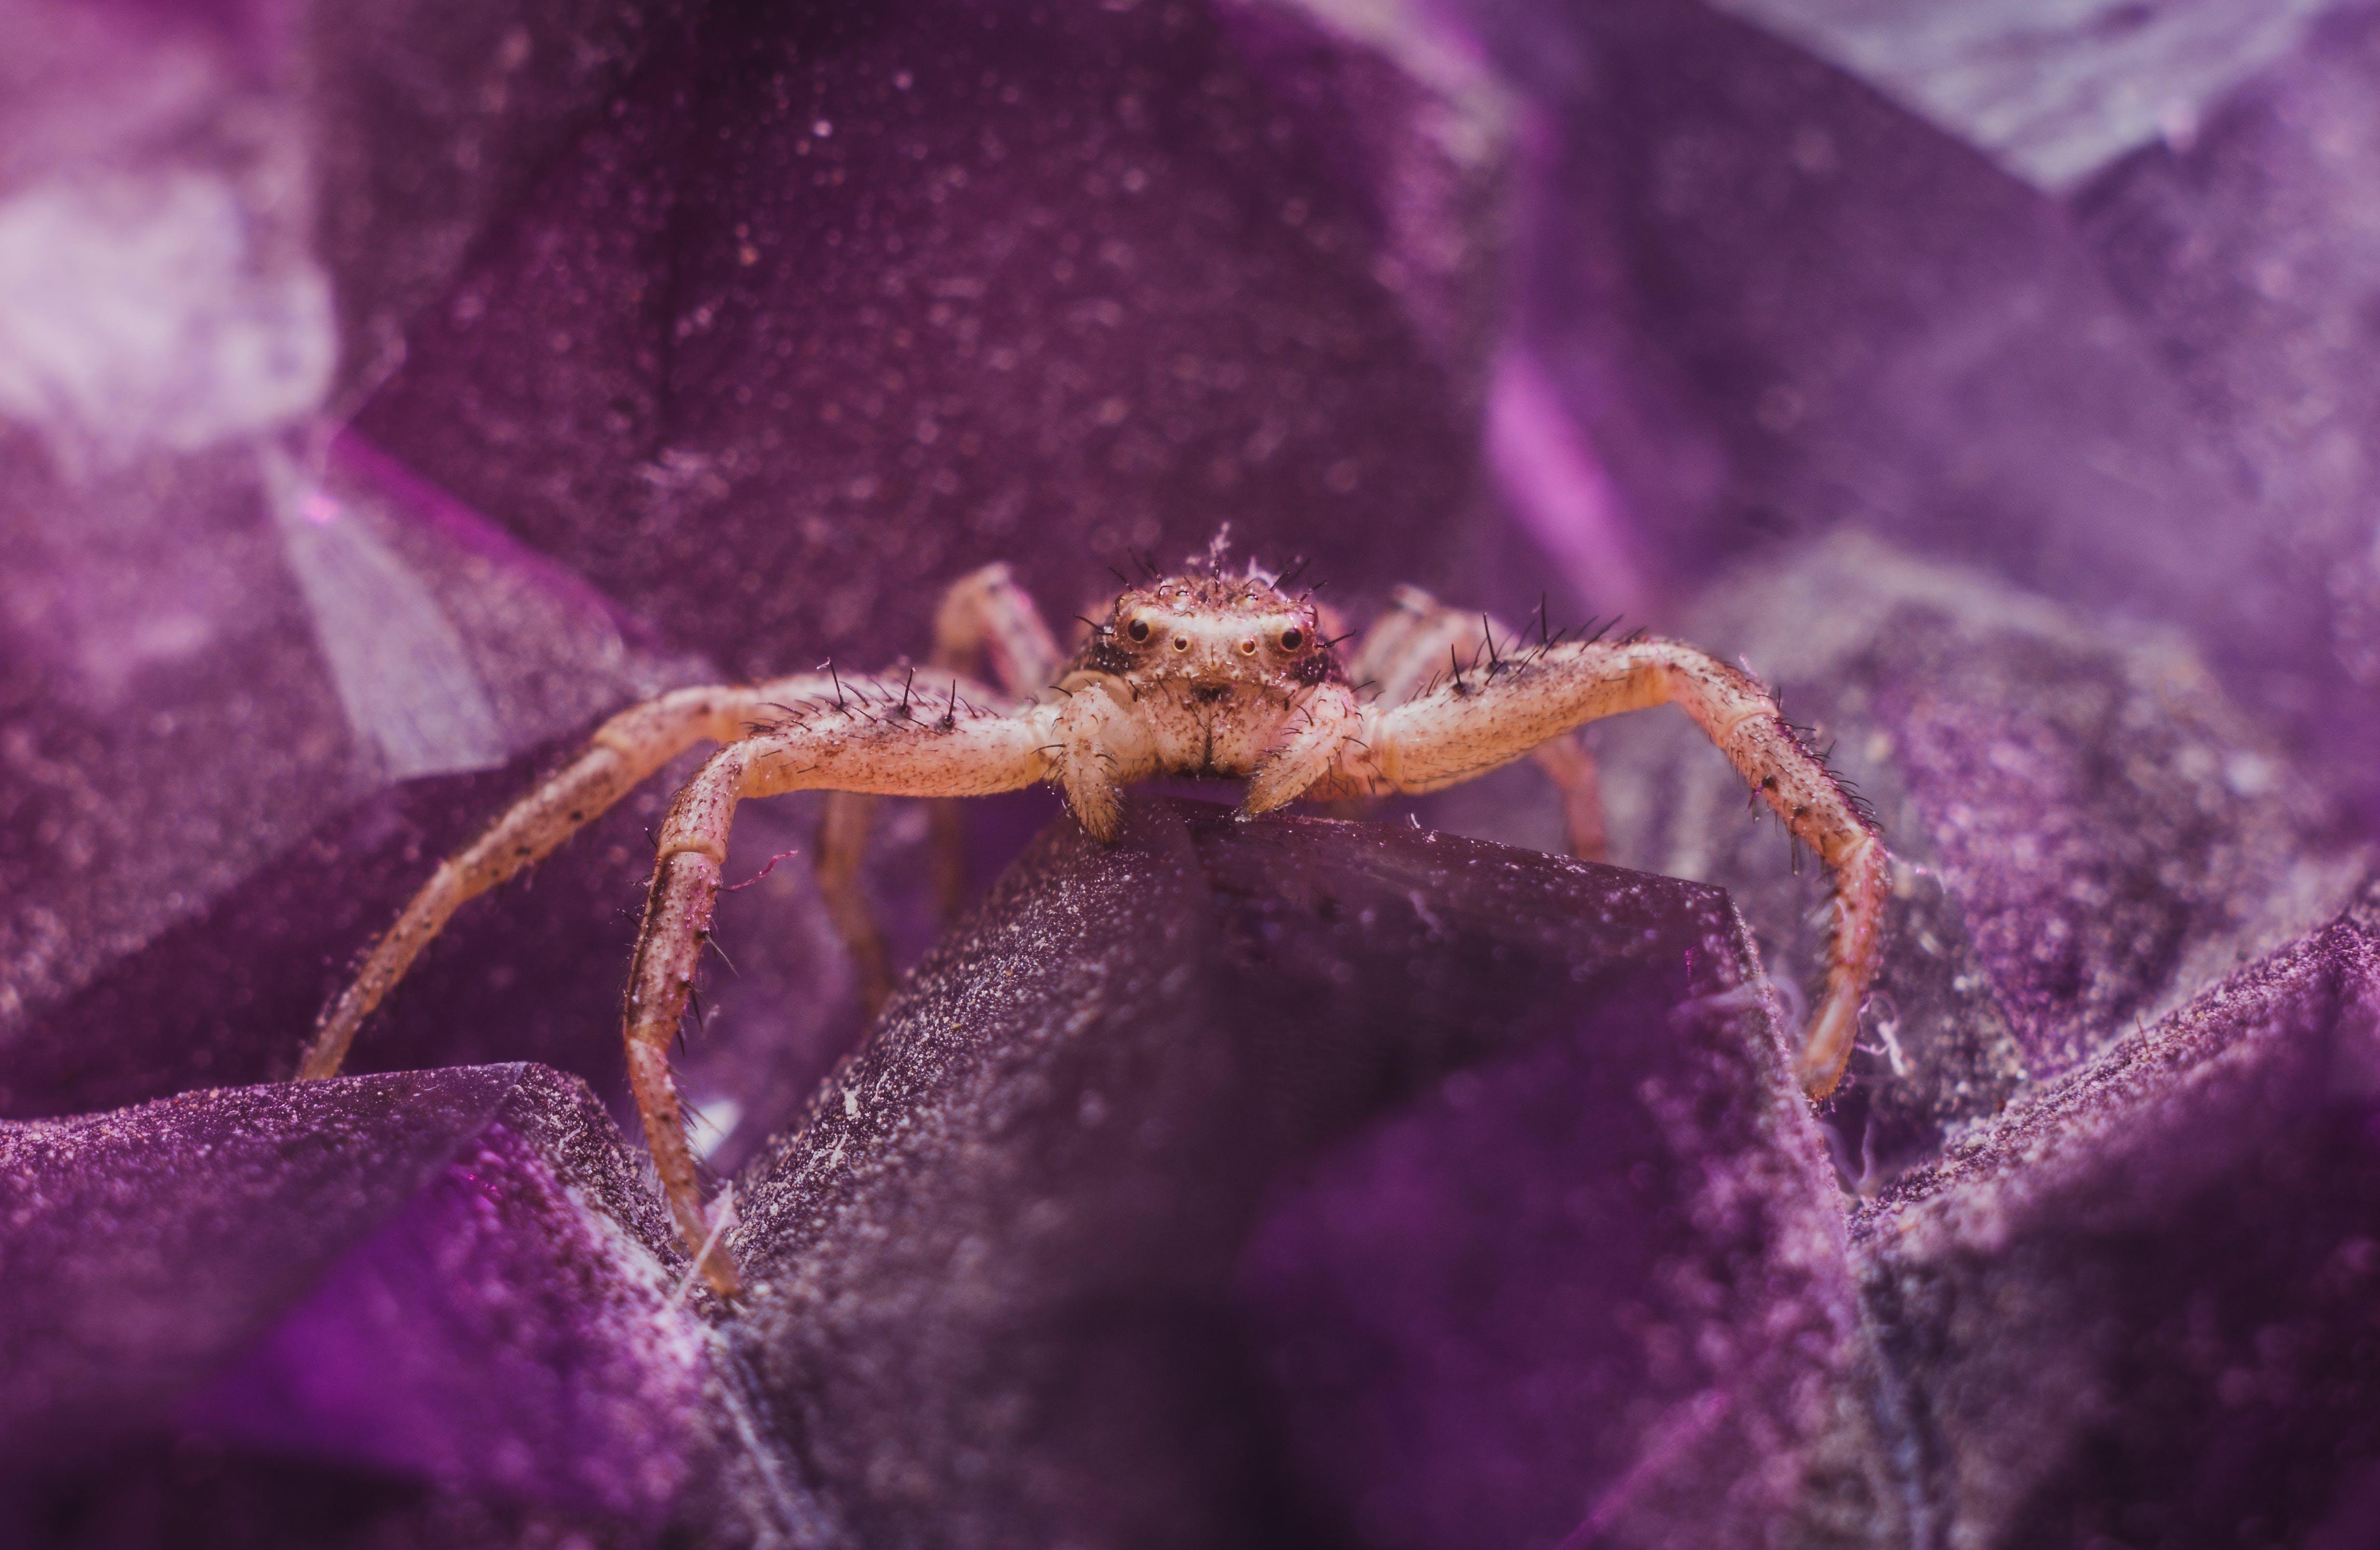 Kostenloses Stock Foto zu biologie, gruselig, insekt, klein